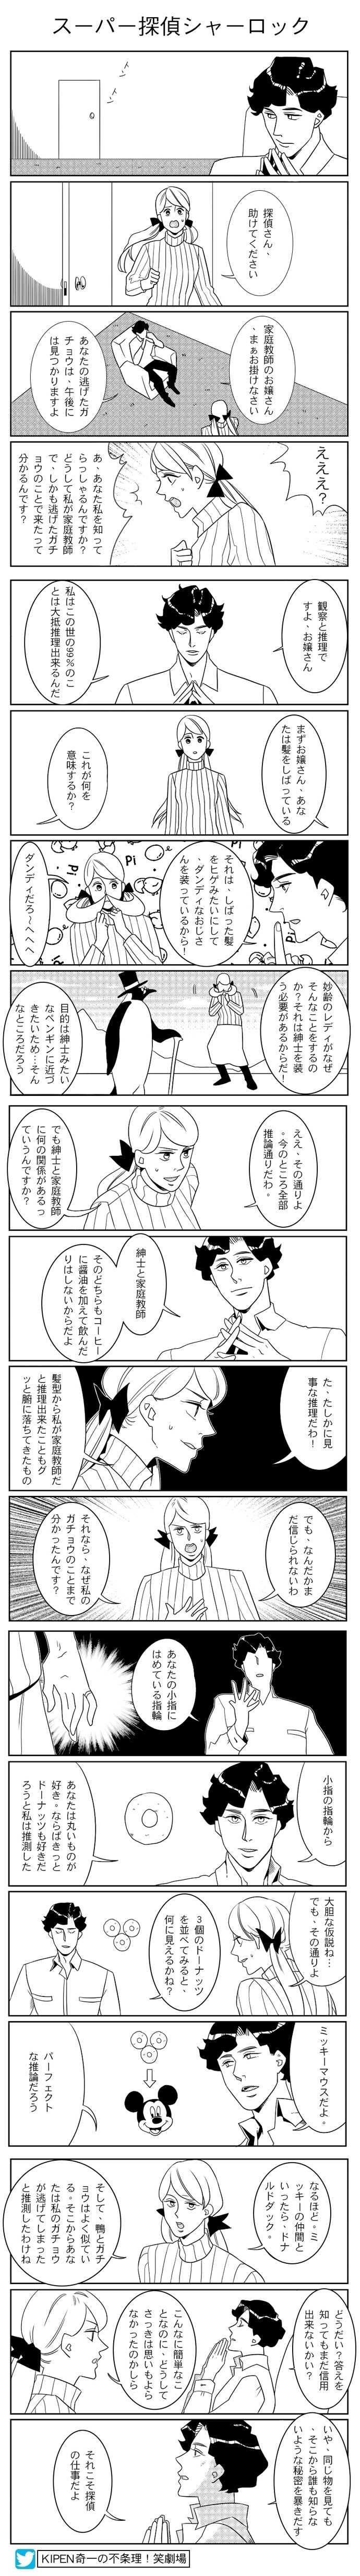 スーパー探偵シャーロック